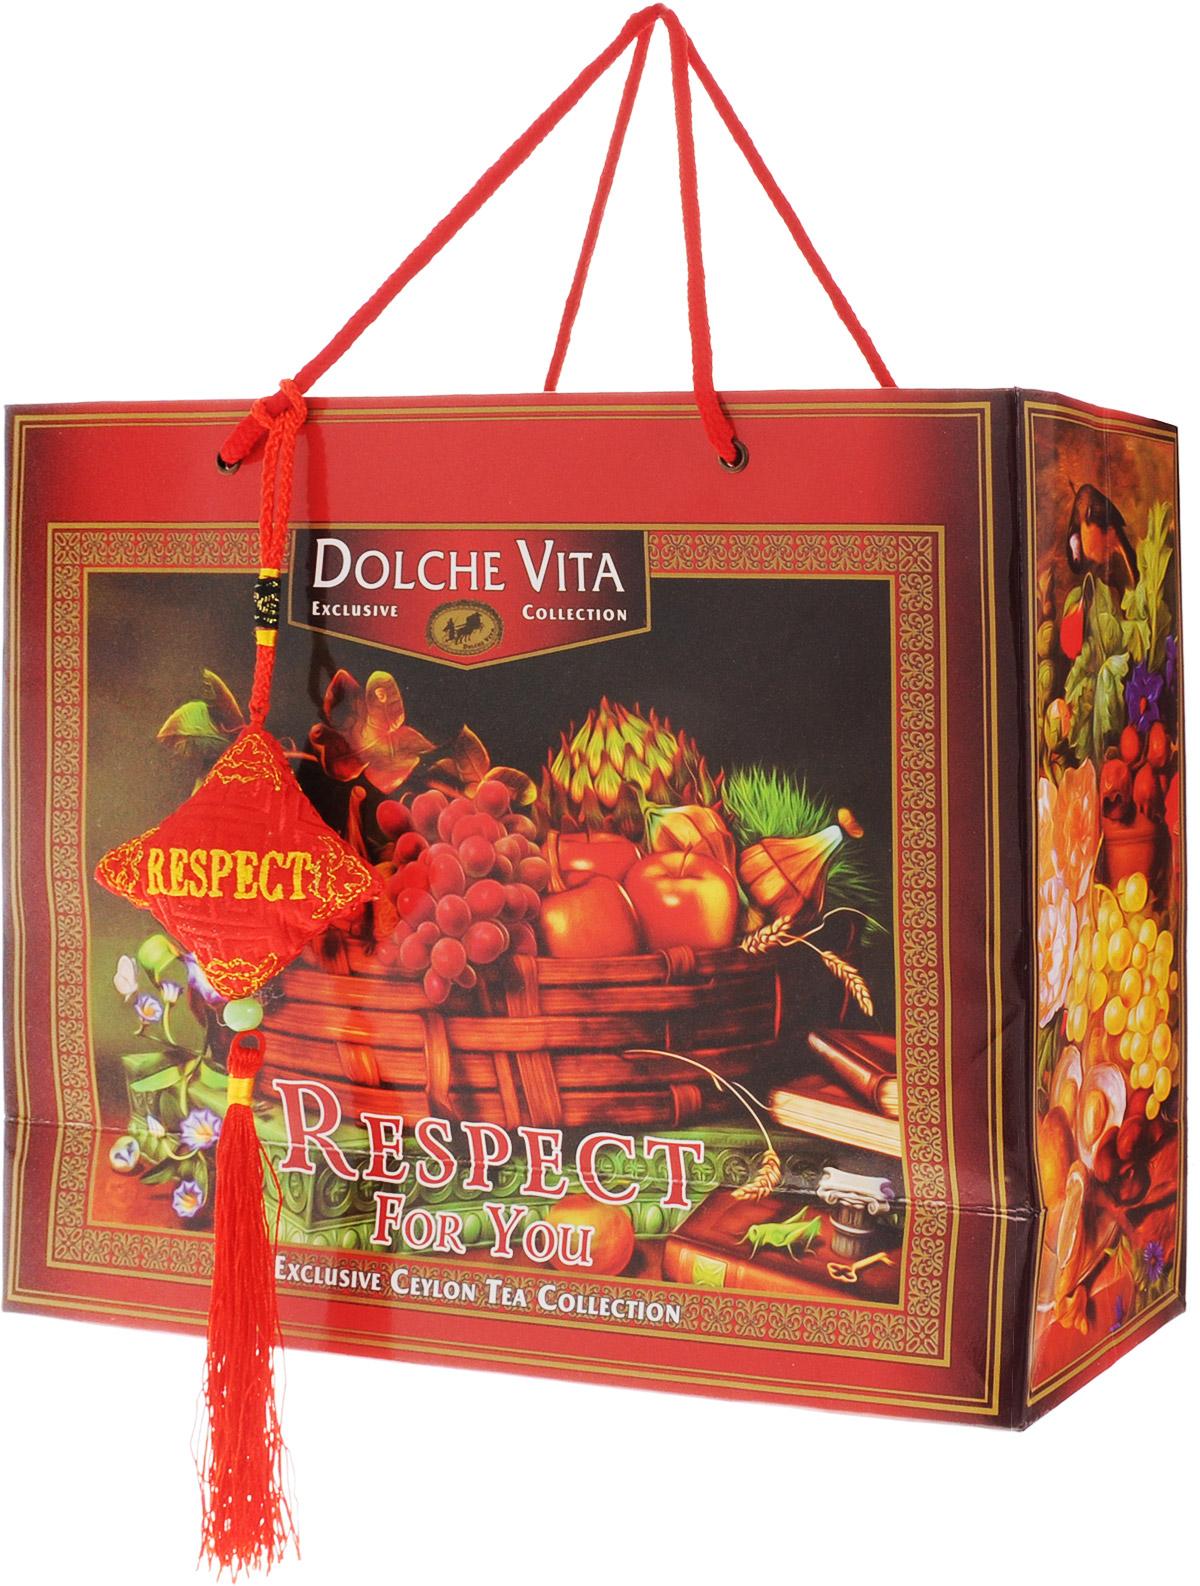 Dolche Vita Respect подарочный набор черного листового чая, 200 г21203Подарочный набор черного листового чая Dolche Vita Respect включает в себя плантационный цейлонский черный крупнолистовой чай и ароматизированный цейлонский черный крупнолистовой чай, упакованные в подарочную коробку и пакет.